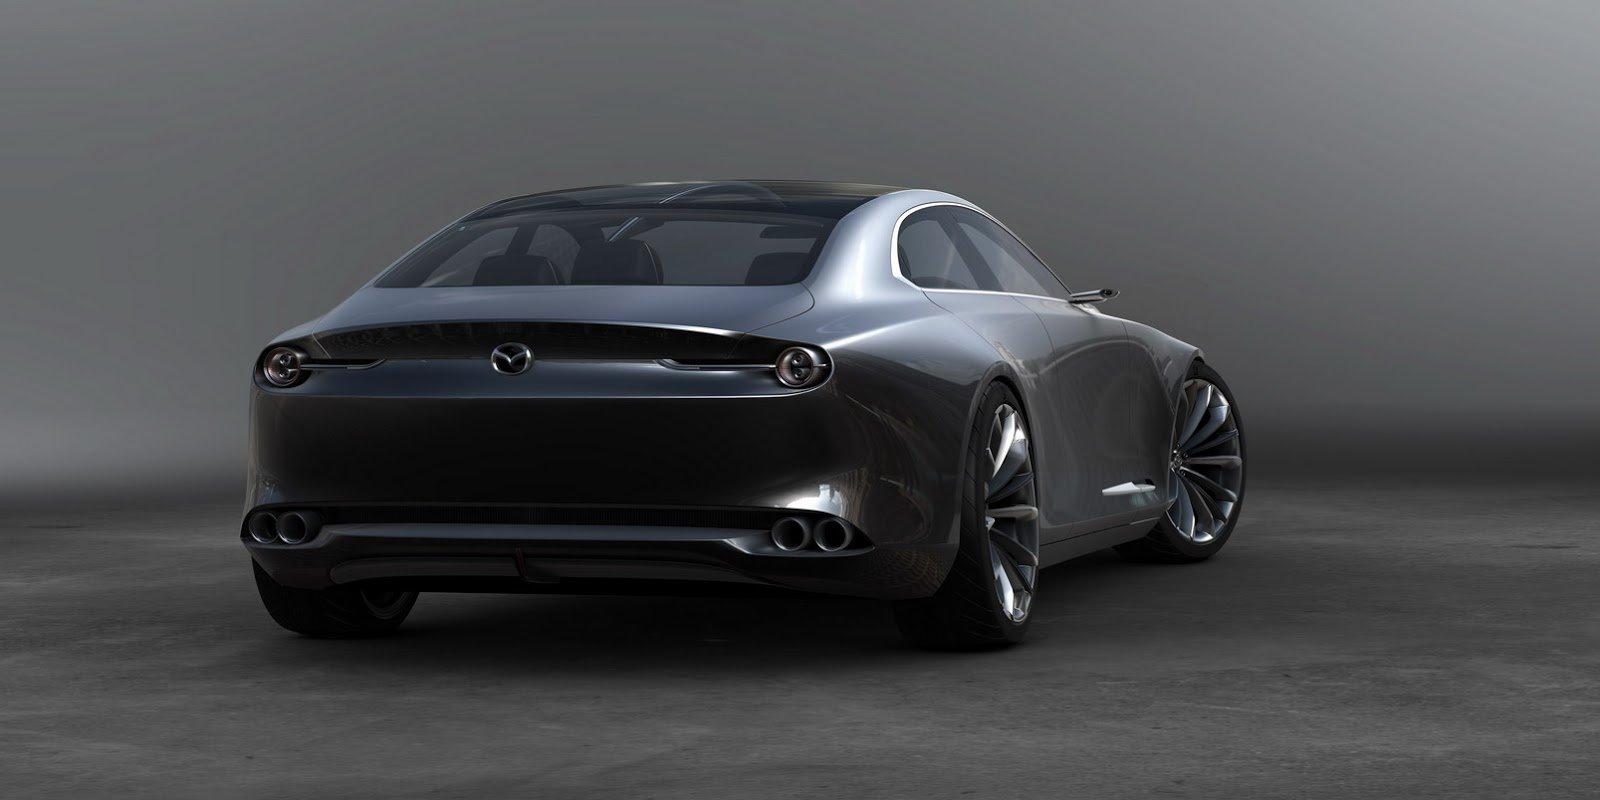 Mazda đang phát triển động cơ xăng và dầu 6 động cơ Skyactiv-X mới - 19